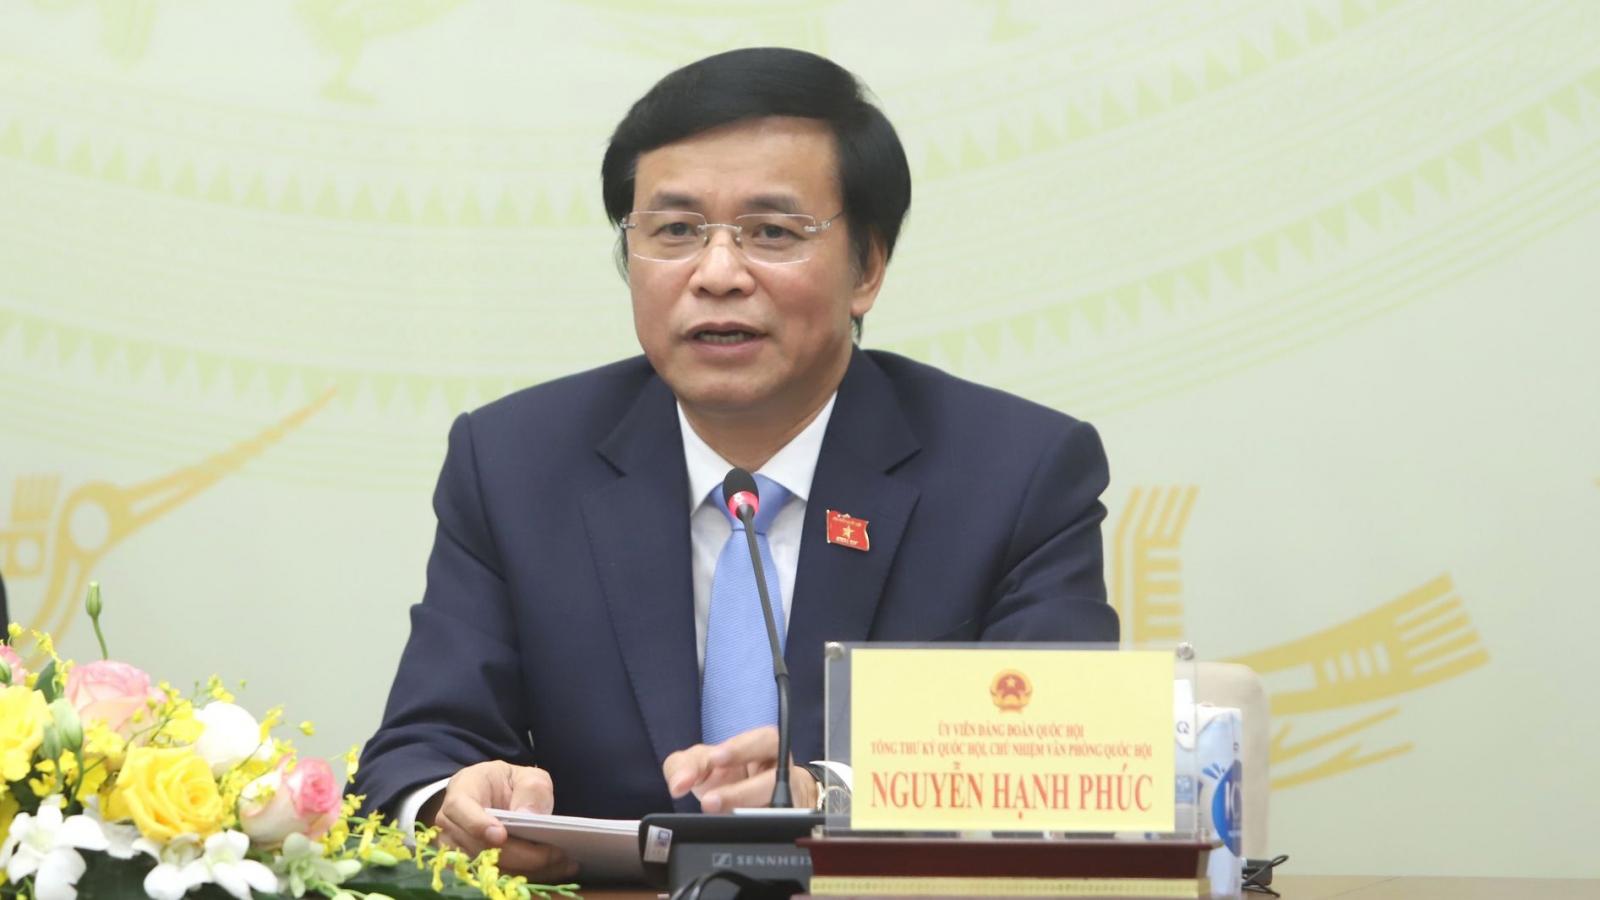 Tổng Thư ký Quốc hội: Dự luật còn nhiều ý kiến, Chính phủ tiếp thu, nghiên cứu